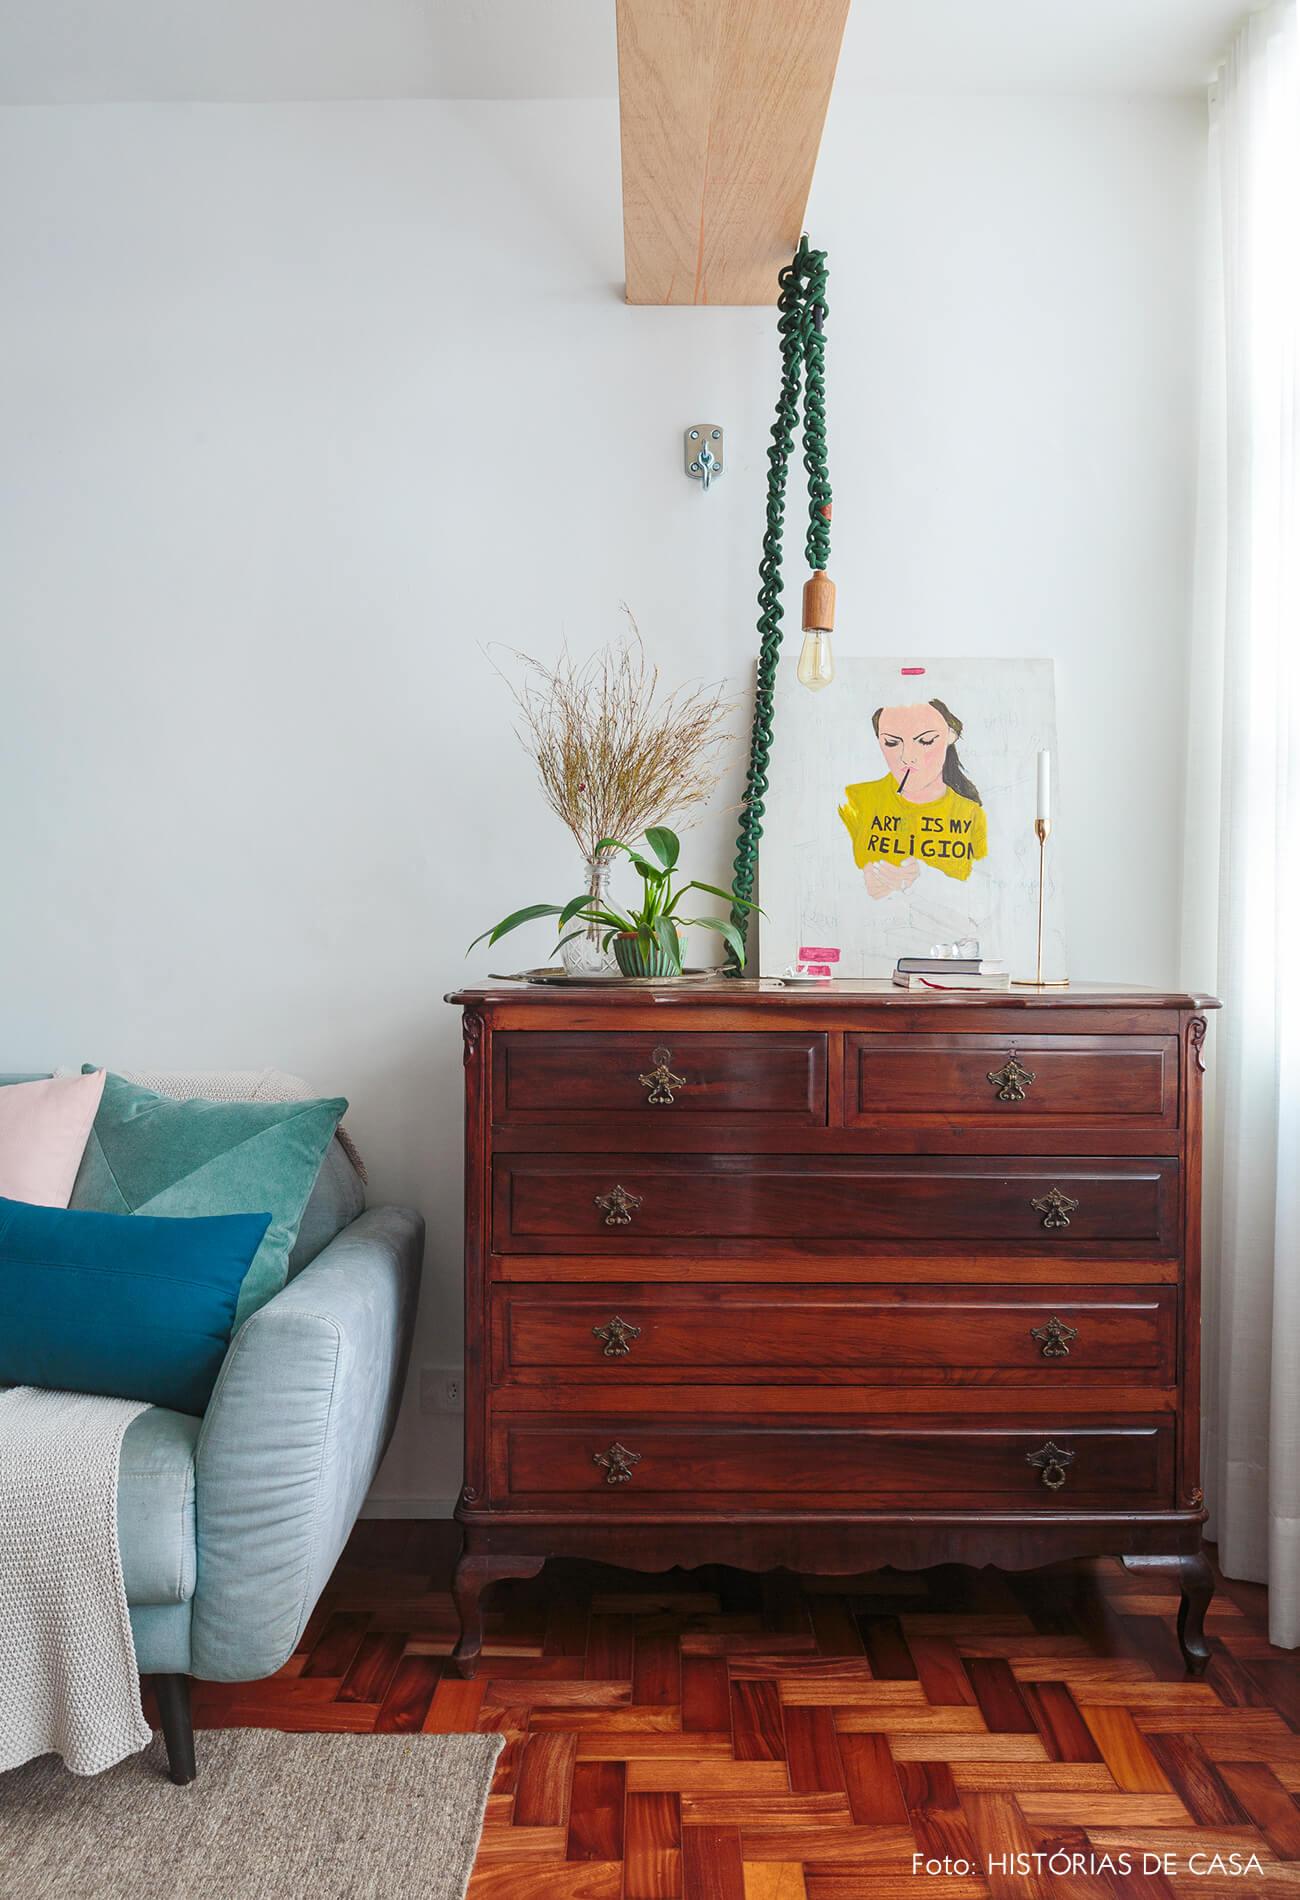 sala-sofa-azul-piso-taco-madeira-tapete-cinza-estante-madeira-escura-luminaria-pendente-verde-almofadas-coloridas